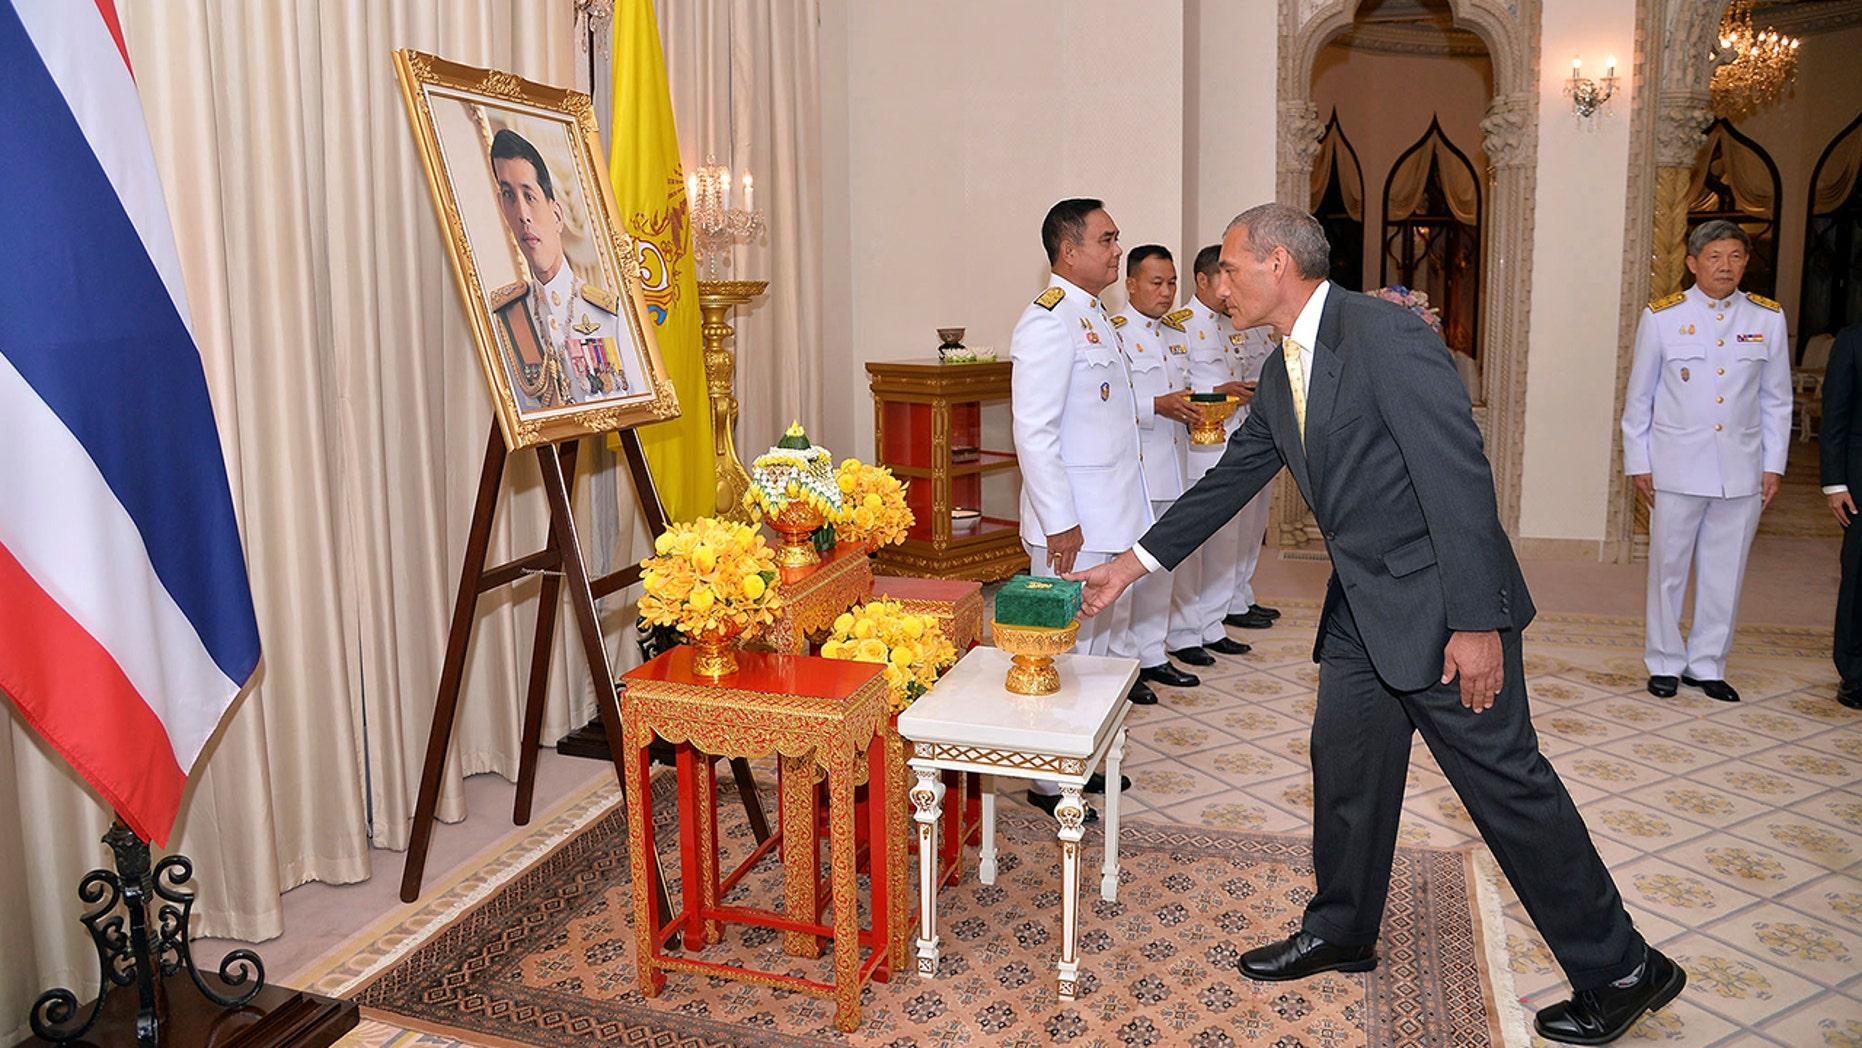 در این عکس که توسط دفتر سخنگوی دولت منتشر شده، کریگ چلن، عضو استرالیایی تیم نجات غار تایلند، عضو اعظم قابل تحسین از Direkgunabhorn در مقابل یک تصویری از شاه Maha Vajiralongkorn Bodindradebayavarangkun تایلند در مراسم تزیین سلطنتی در مجلس نمایندگان سلطنتی تایلند در بانکوک، تایلند، جمعه، 19 آوریل 2019.